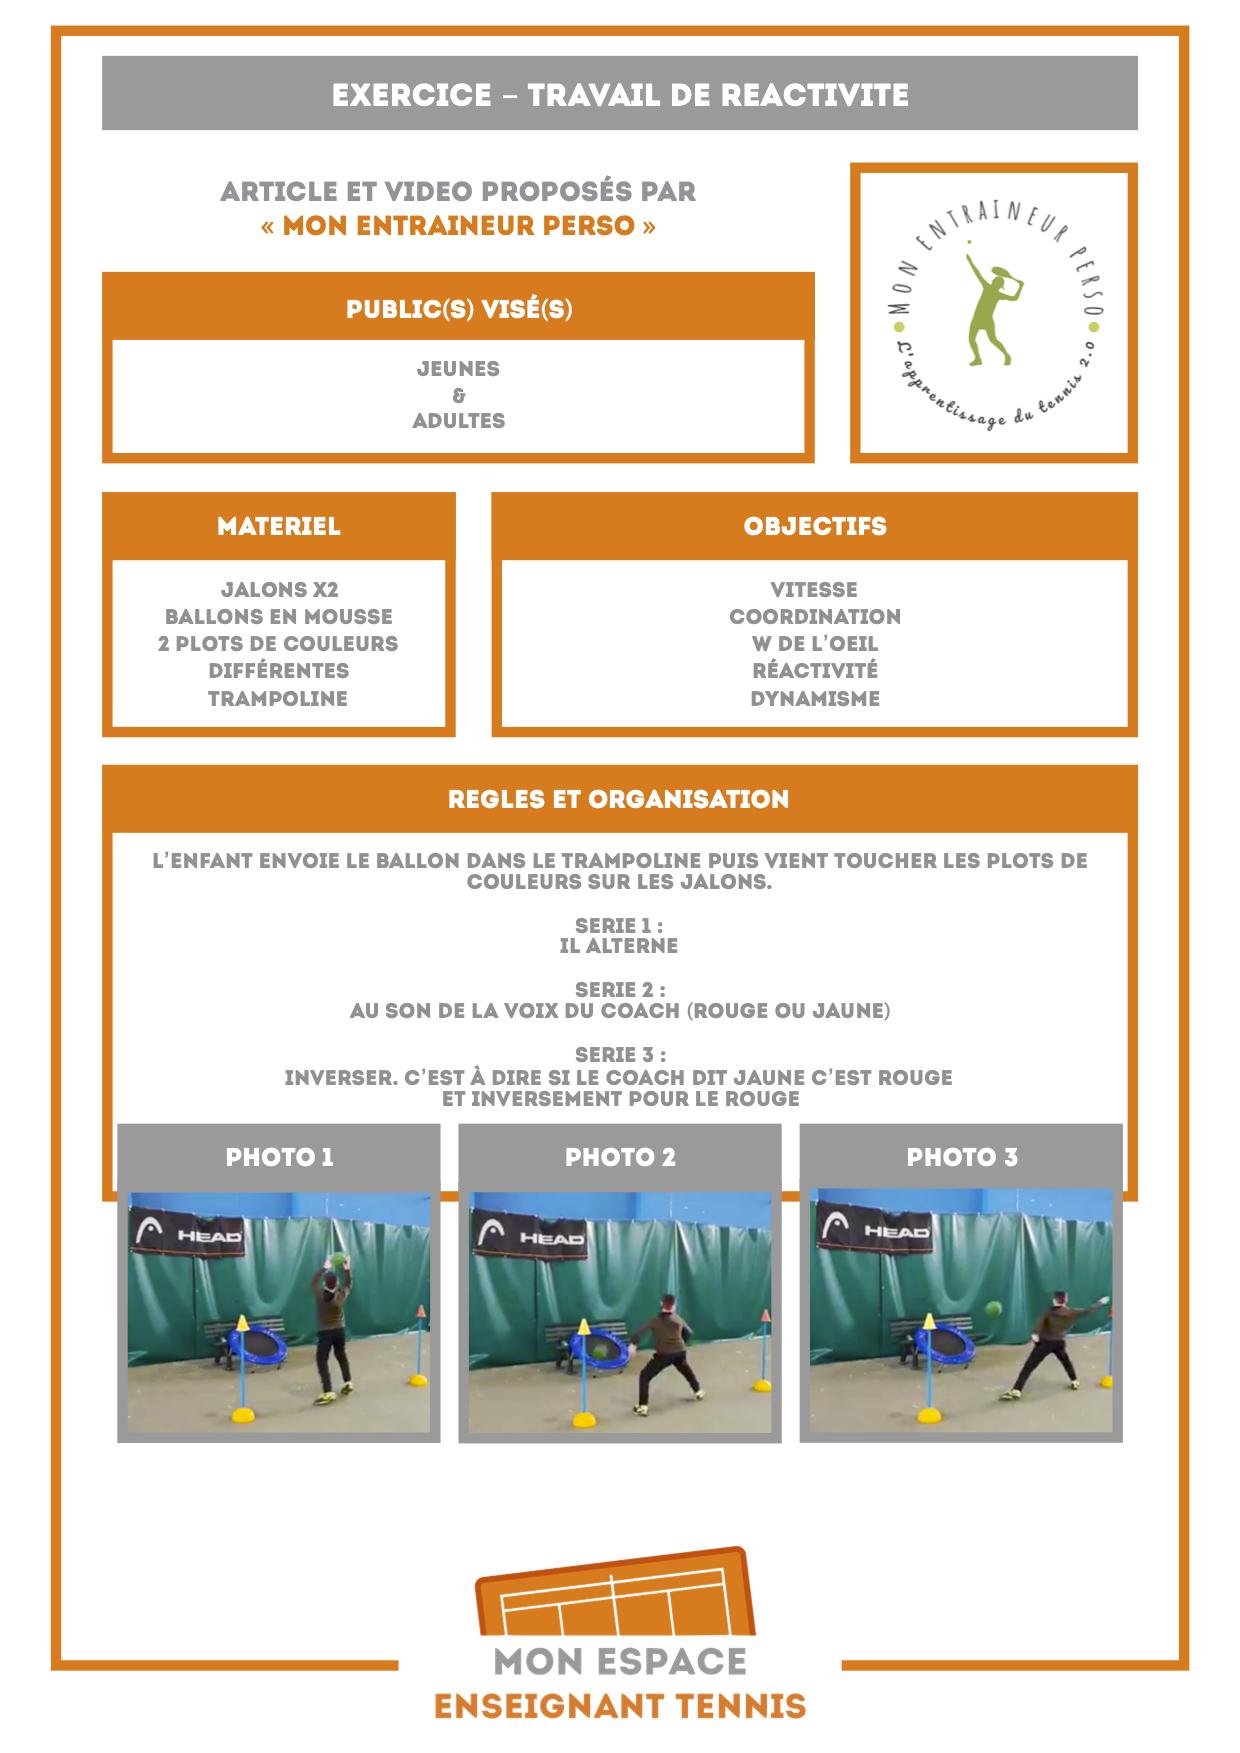 exercice reactivite coup droit galaxie tennis ados